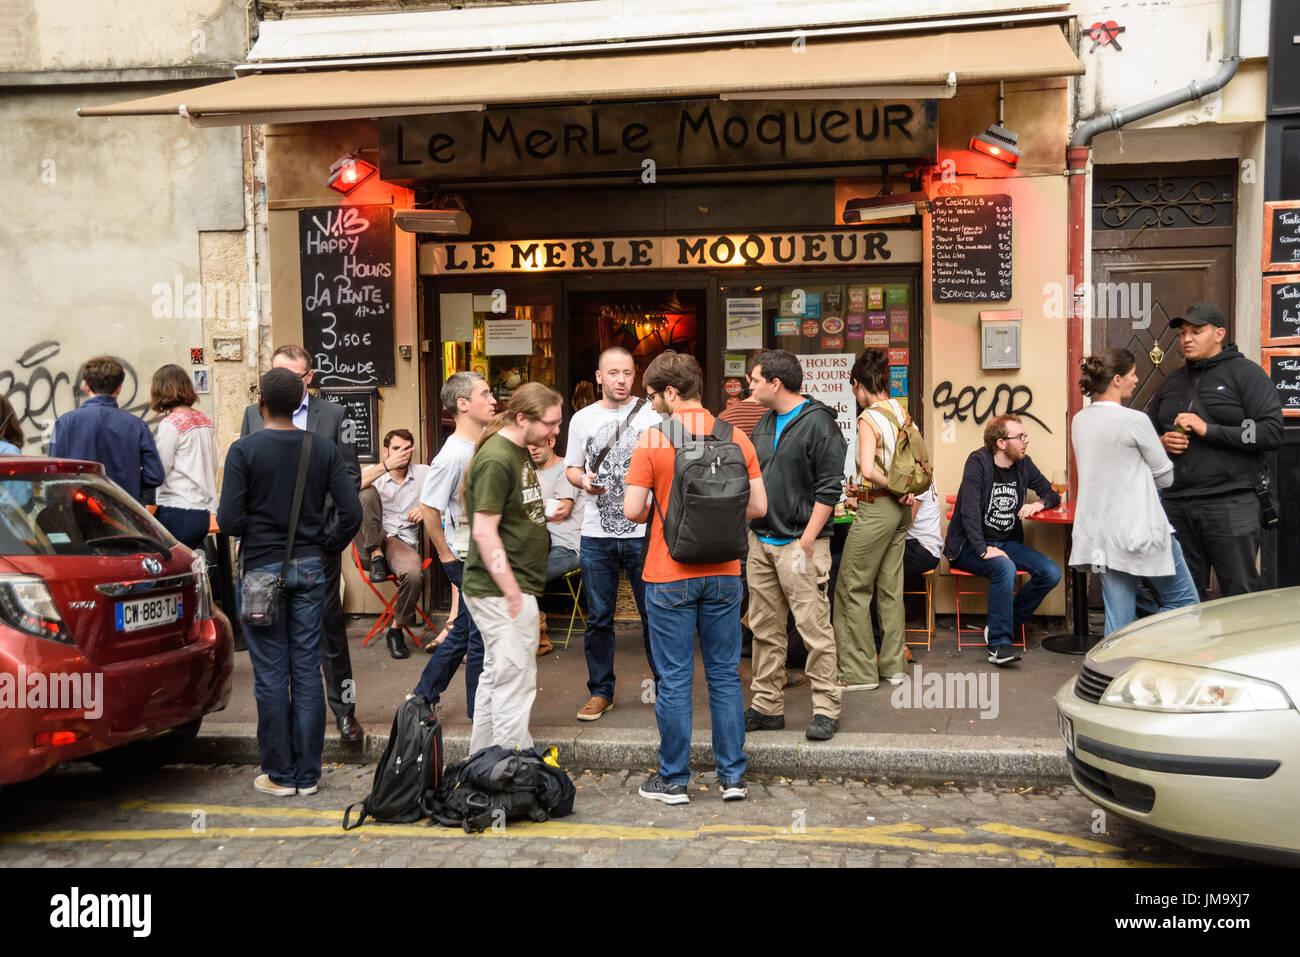 Moqueur stock photos moqueur stock images alamy - Restaurant butte aux cailles ...